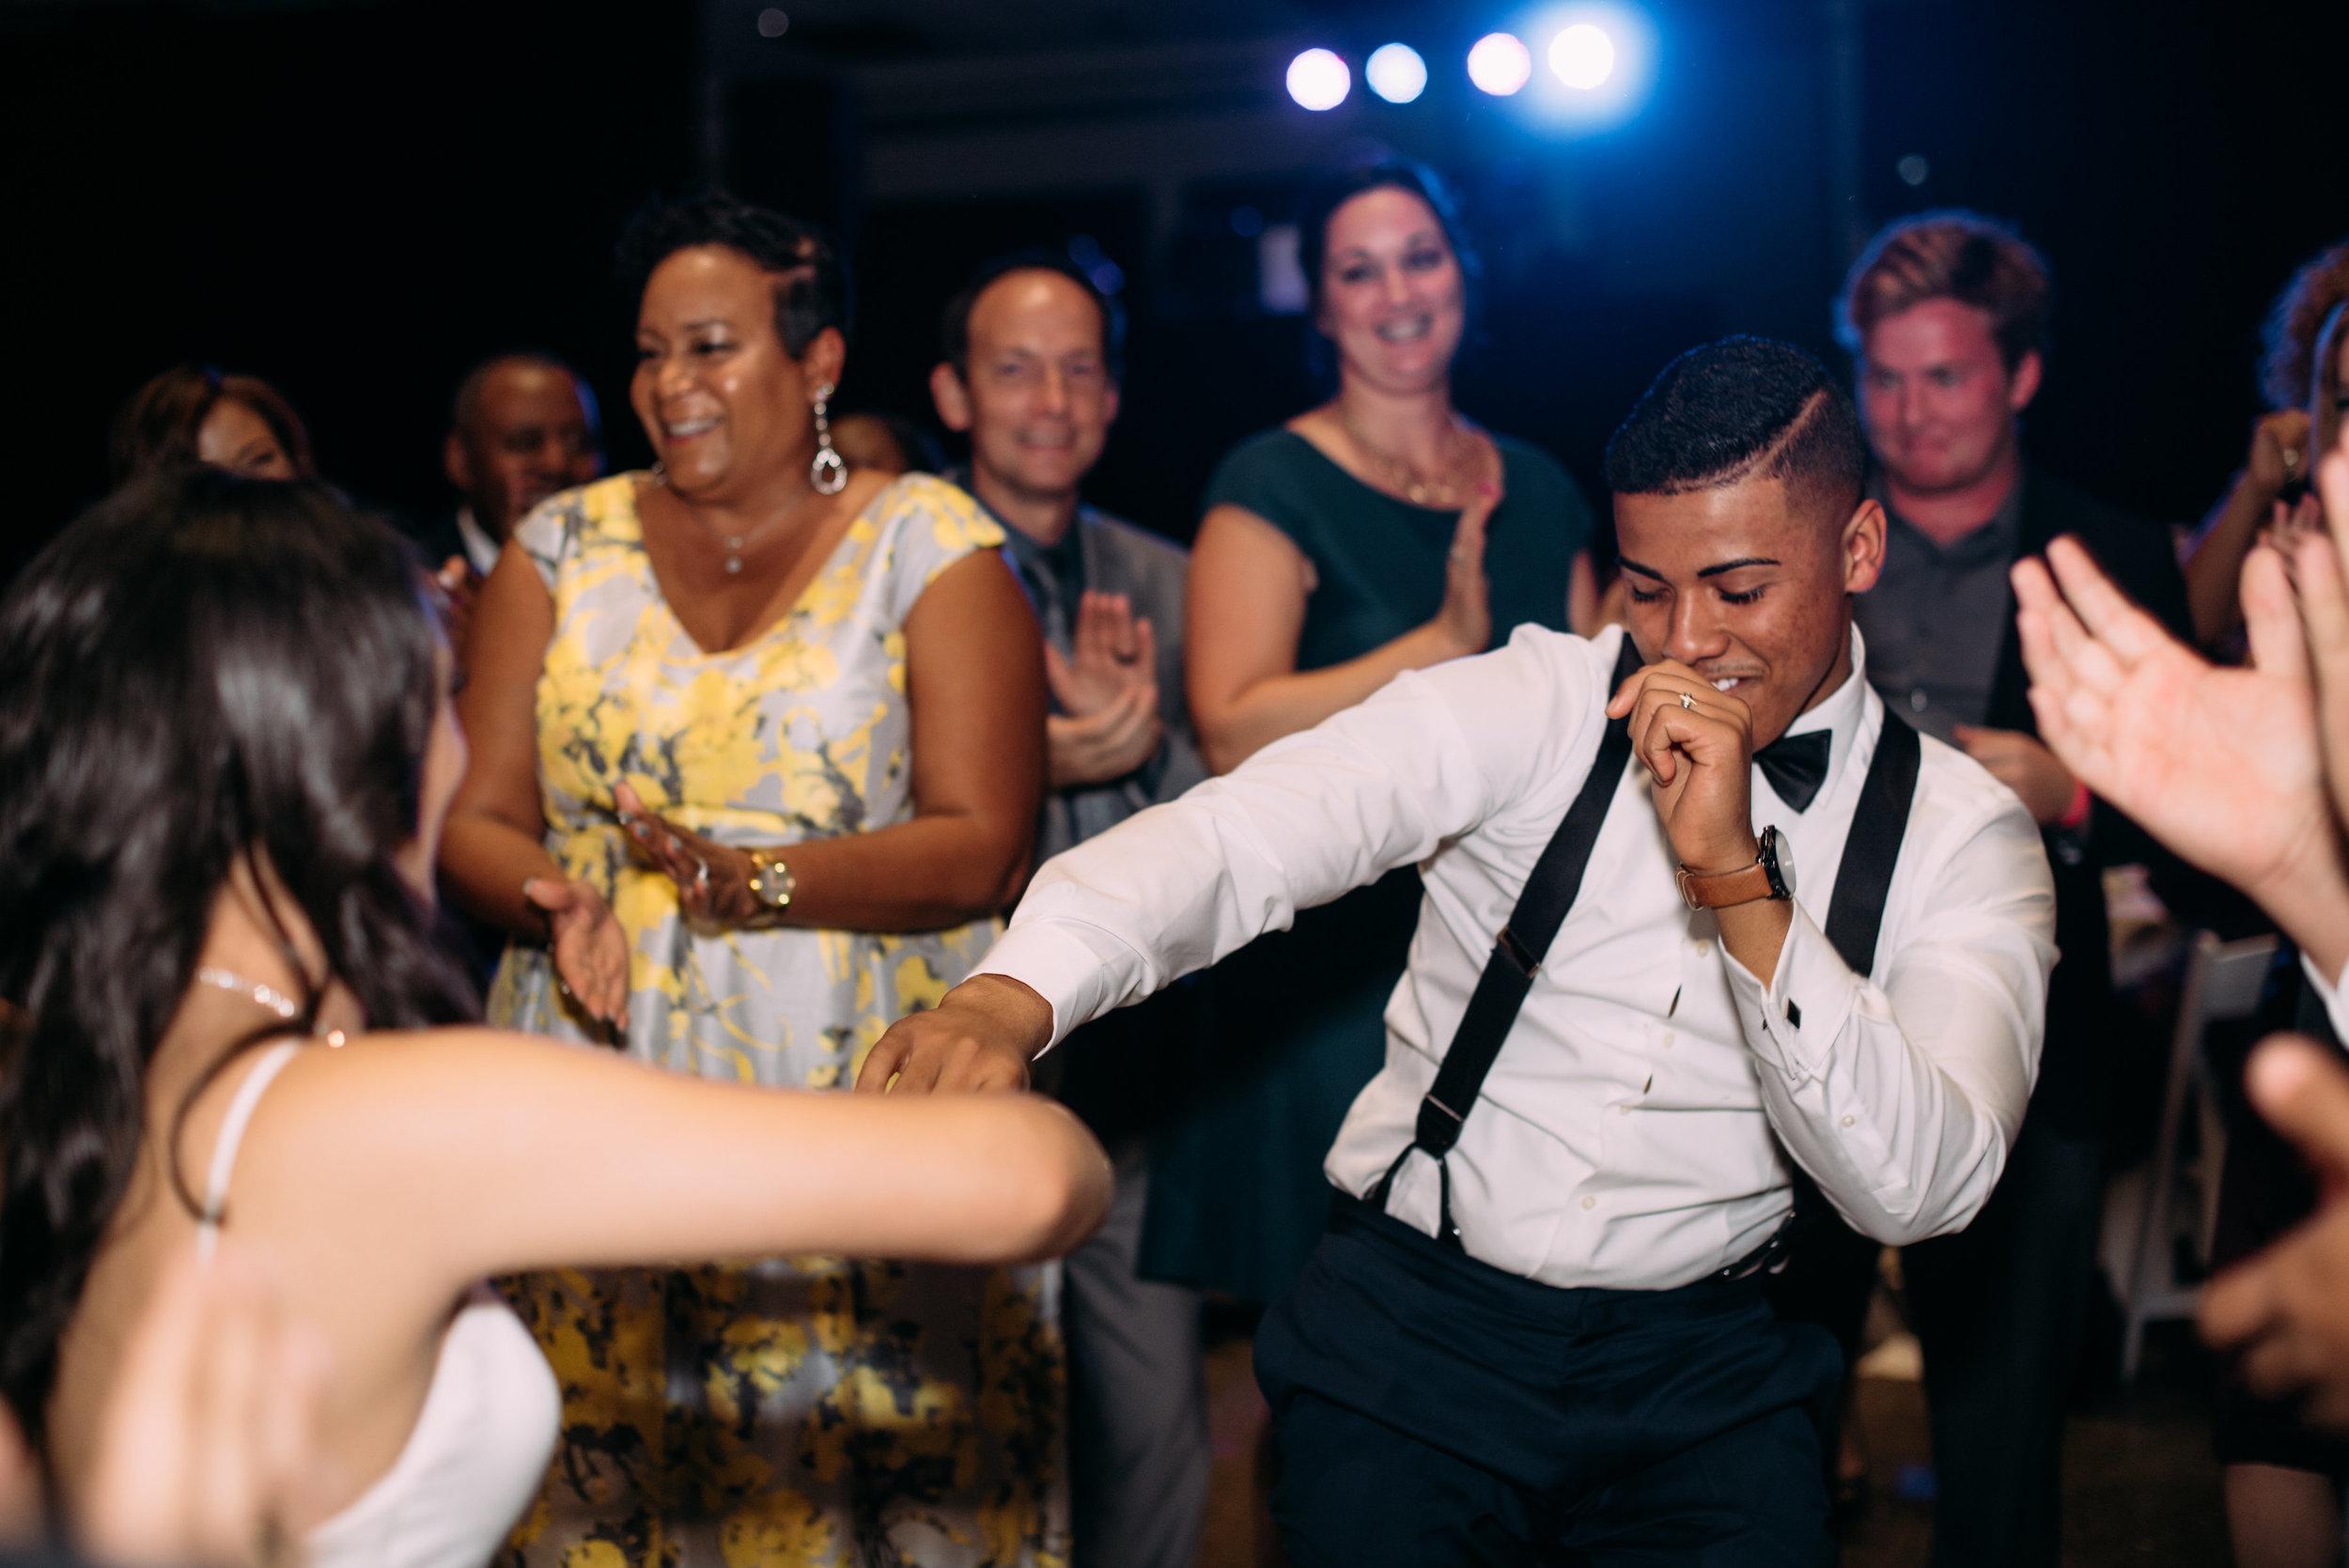 dre-kyanna-torrez-wedding-reception-243.jpg